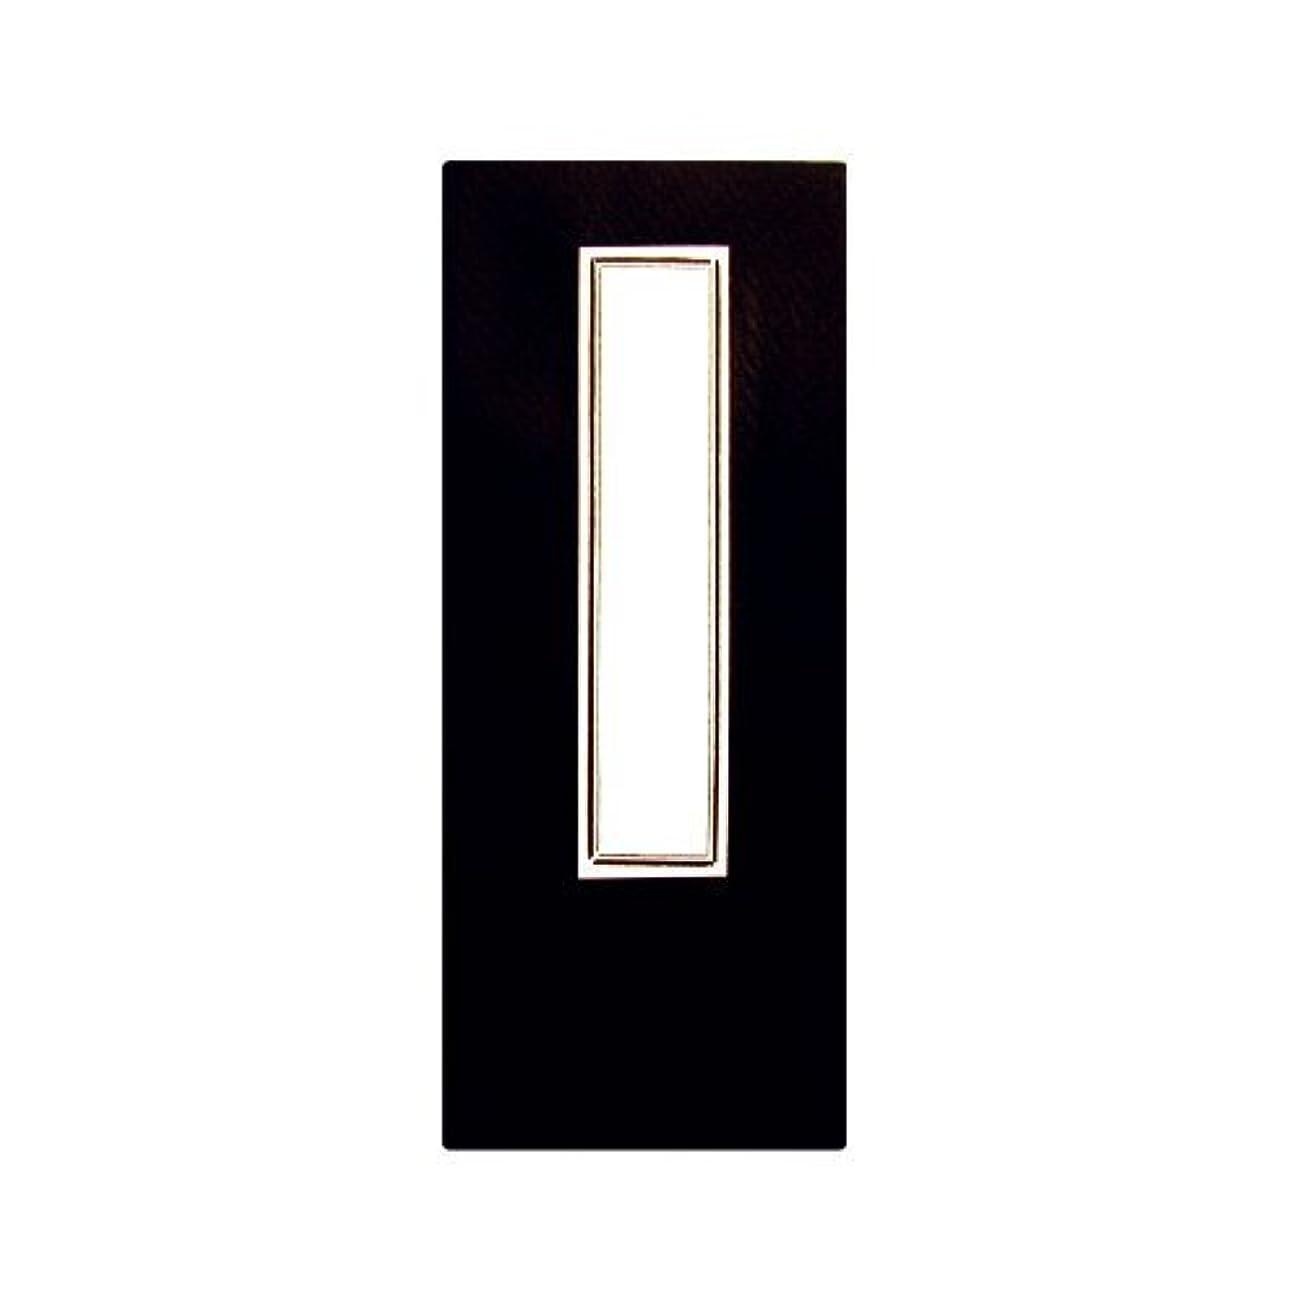 不満旅シャンパン滝田商店ブランド 写経用白折本(縦18cm×横7.4cm)◆写経用の白無地折本【滝田商店発行 証明書付】